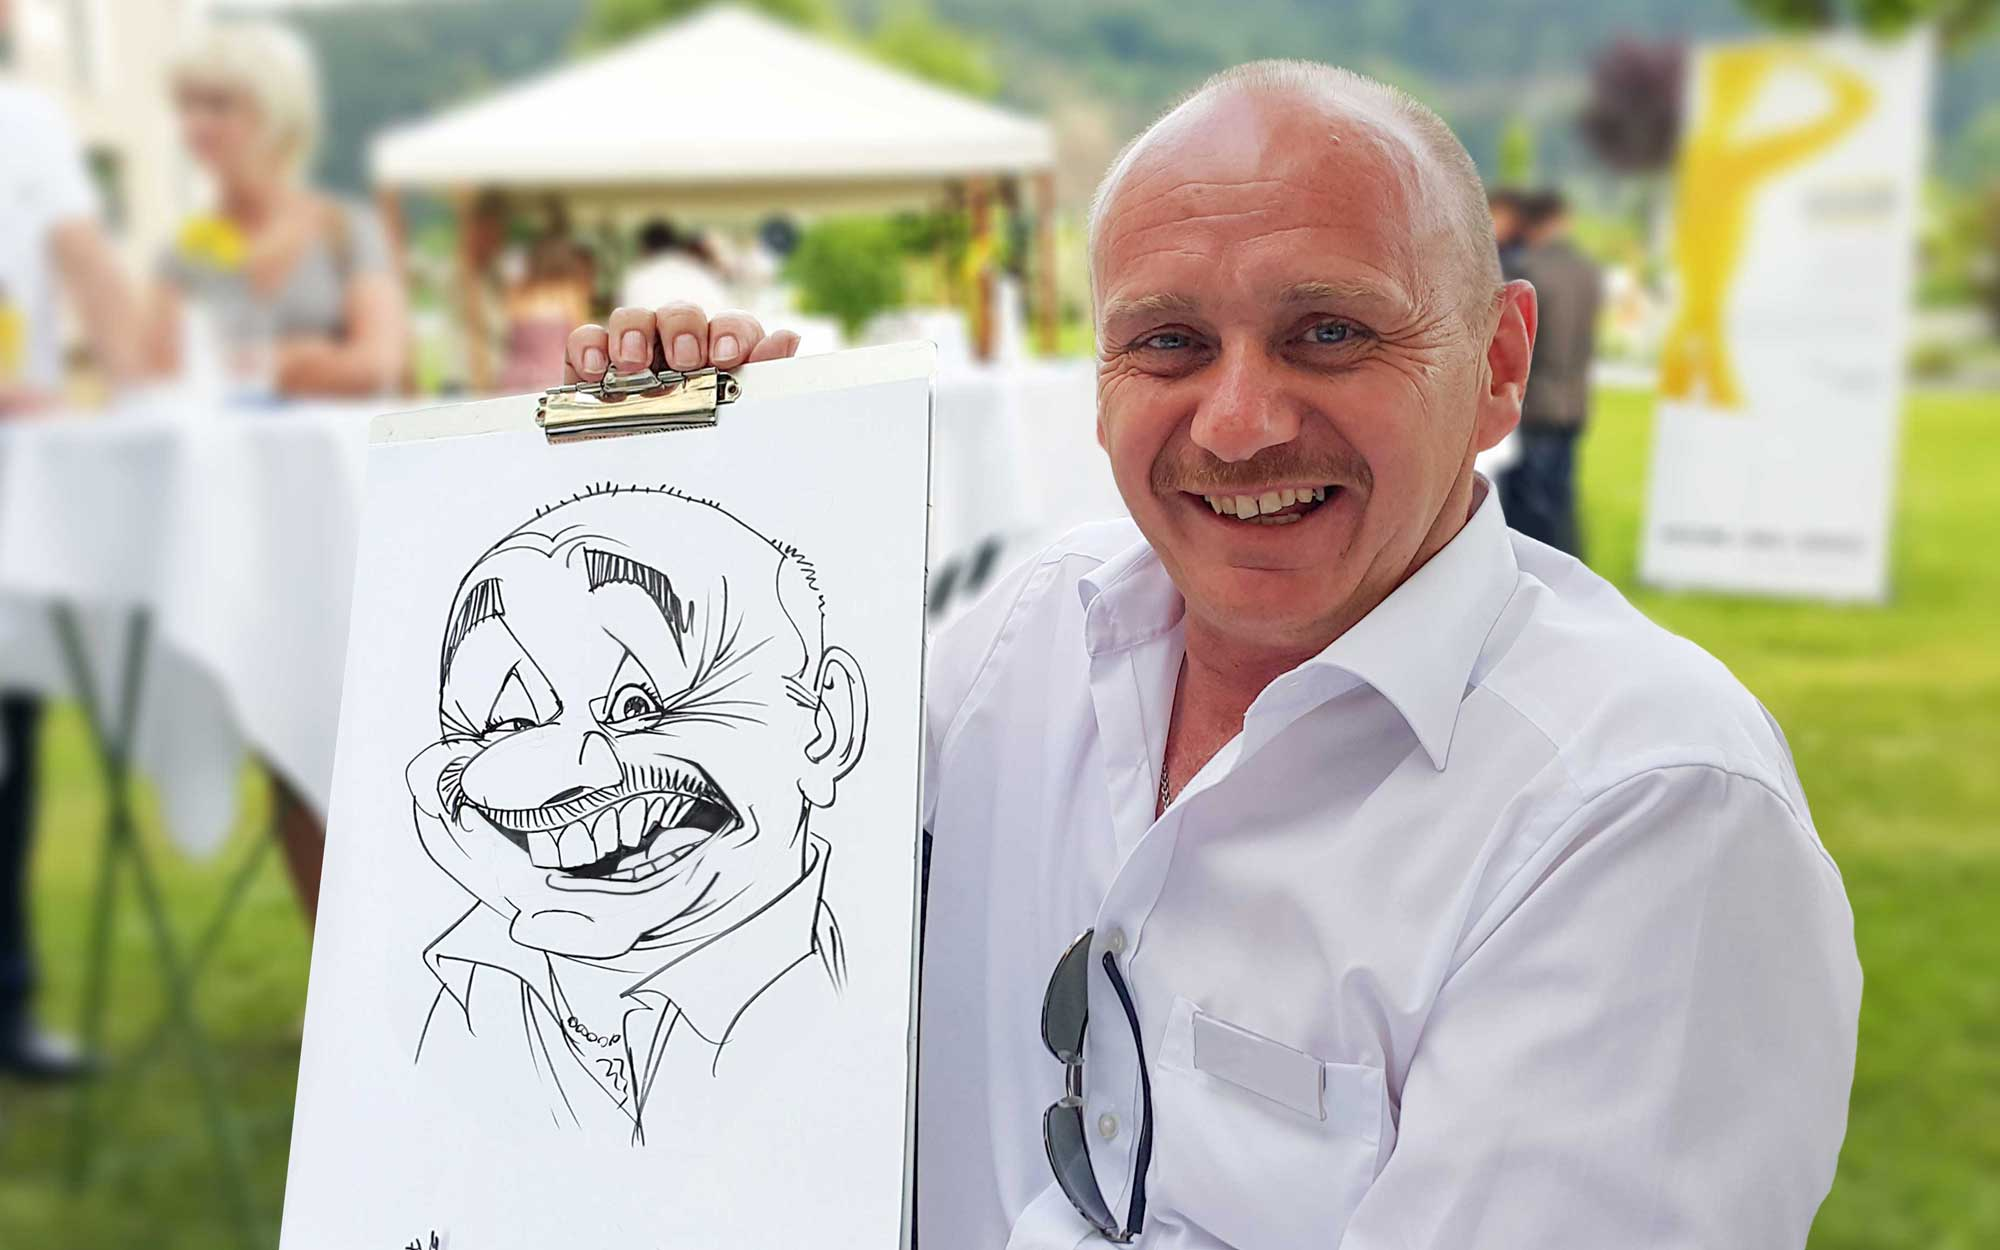 Karikaturist und Schnellzeichner für Basel